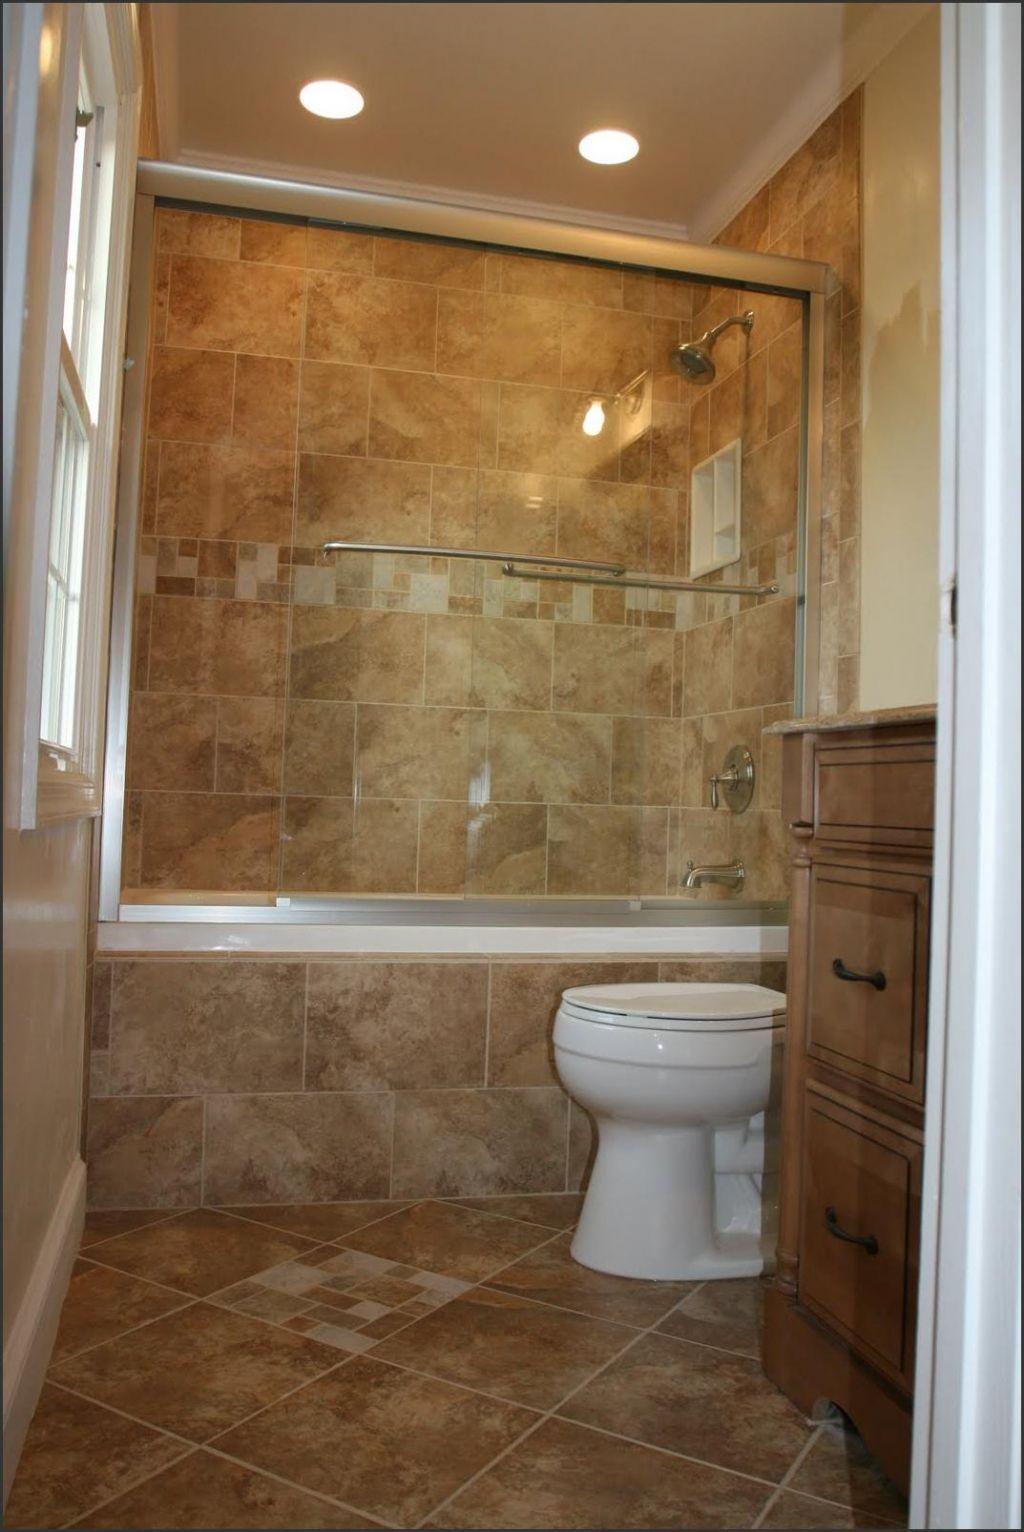 bathroom tiles designs photos photo - 3